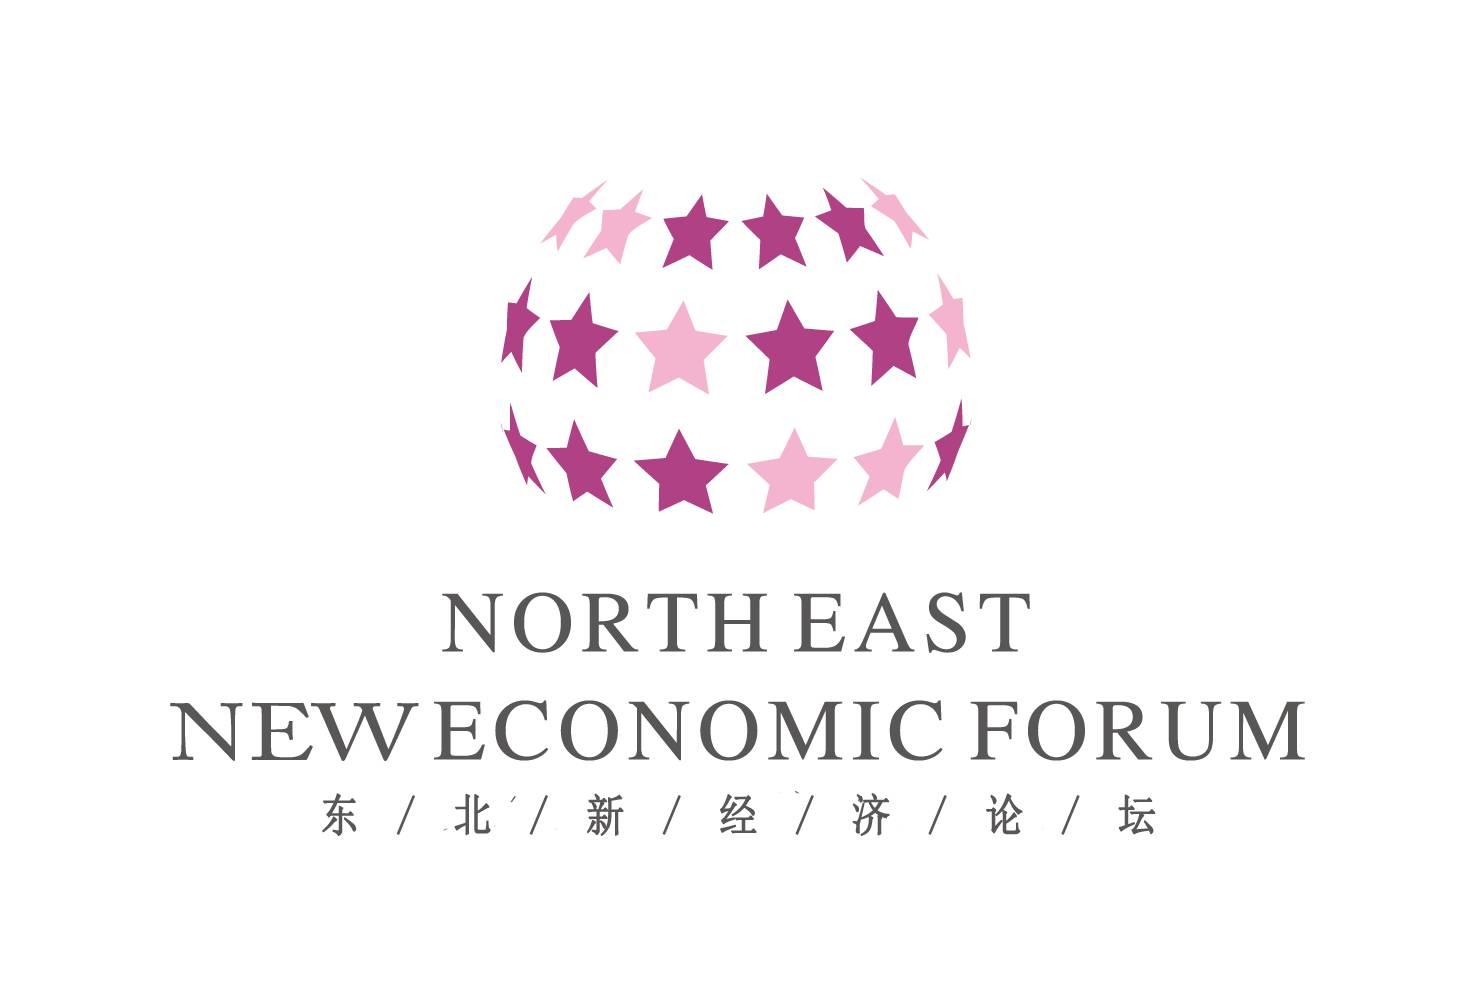 东北新经济论坛 - 创业工坊